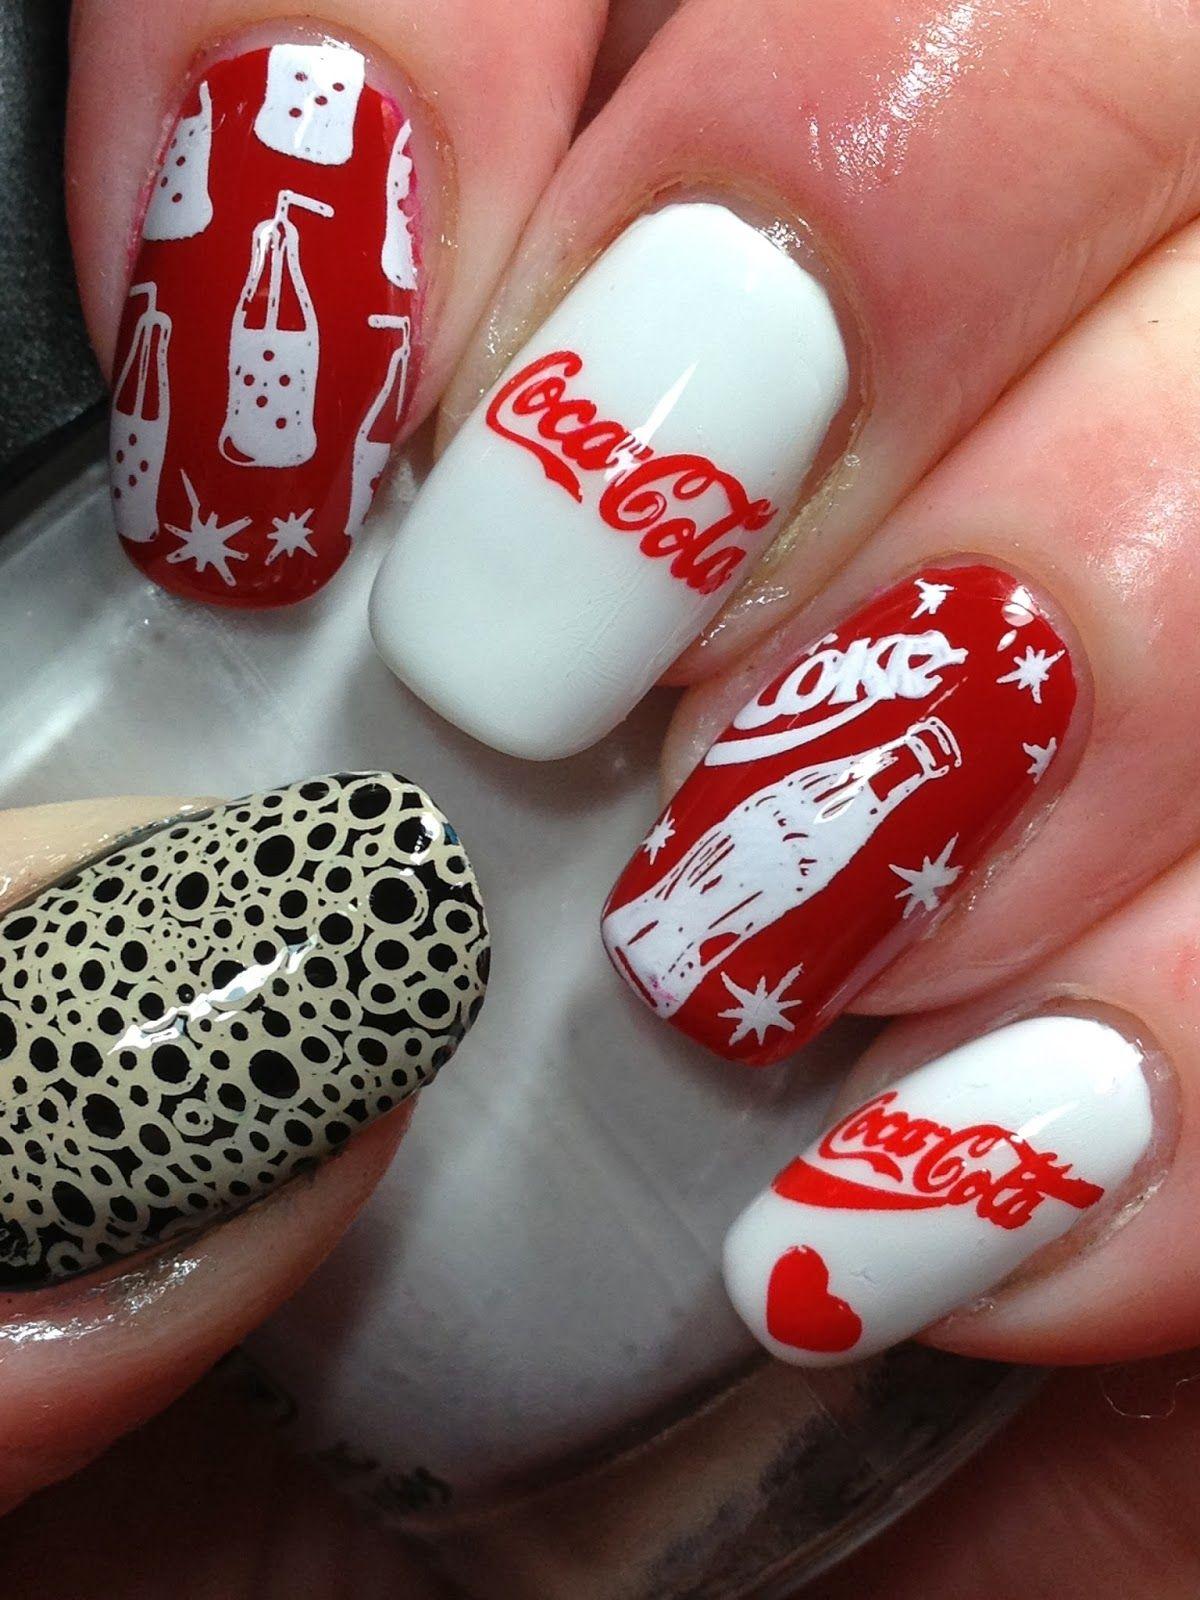 Coca Cola stamped nail designs   ɳɑiʆ Բiʆɛ   Pinterest   Coca Cola ...